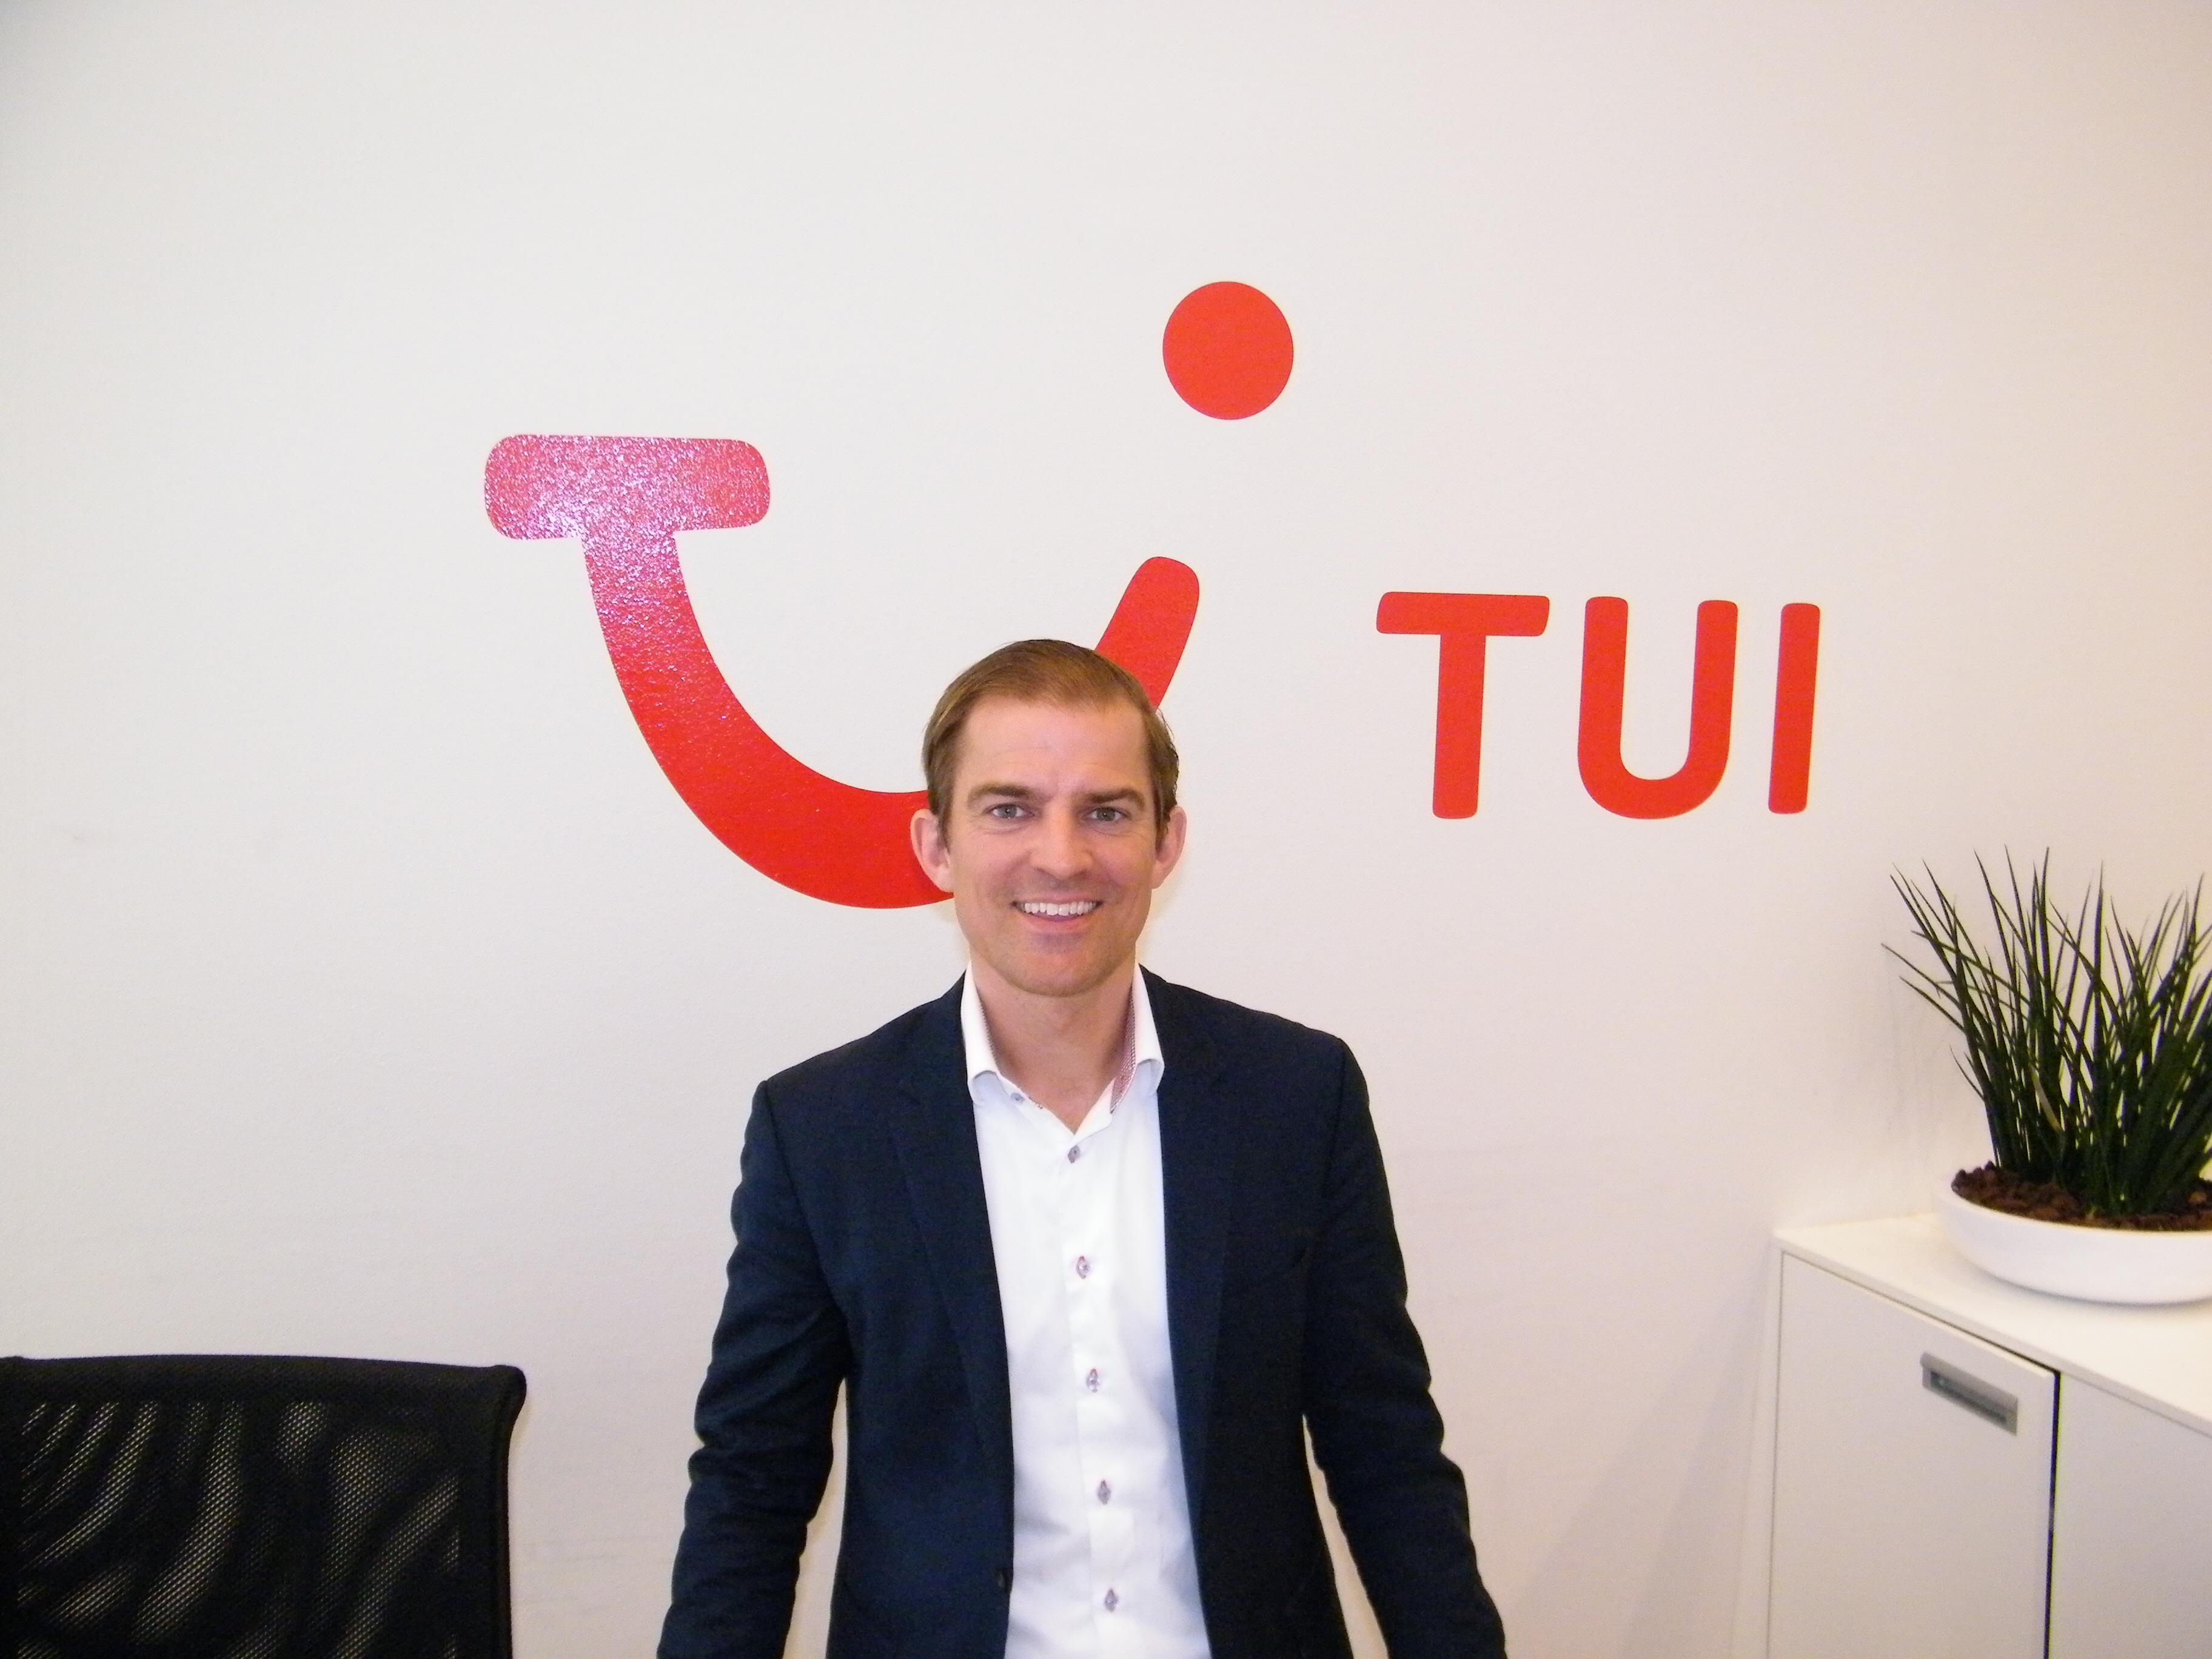 Alexander Huber, øverste chef for TUI i Norden.  TUI har de sidste fem år haft et fald i omsætningen i Danmark på godt 350 millioner kroner.Foto: Henrik Baumgarten.